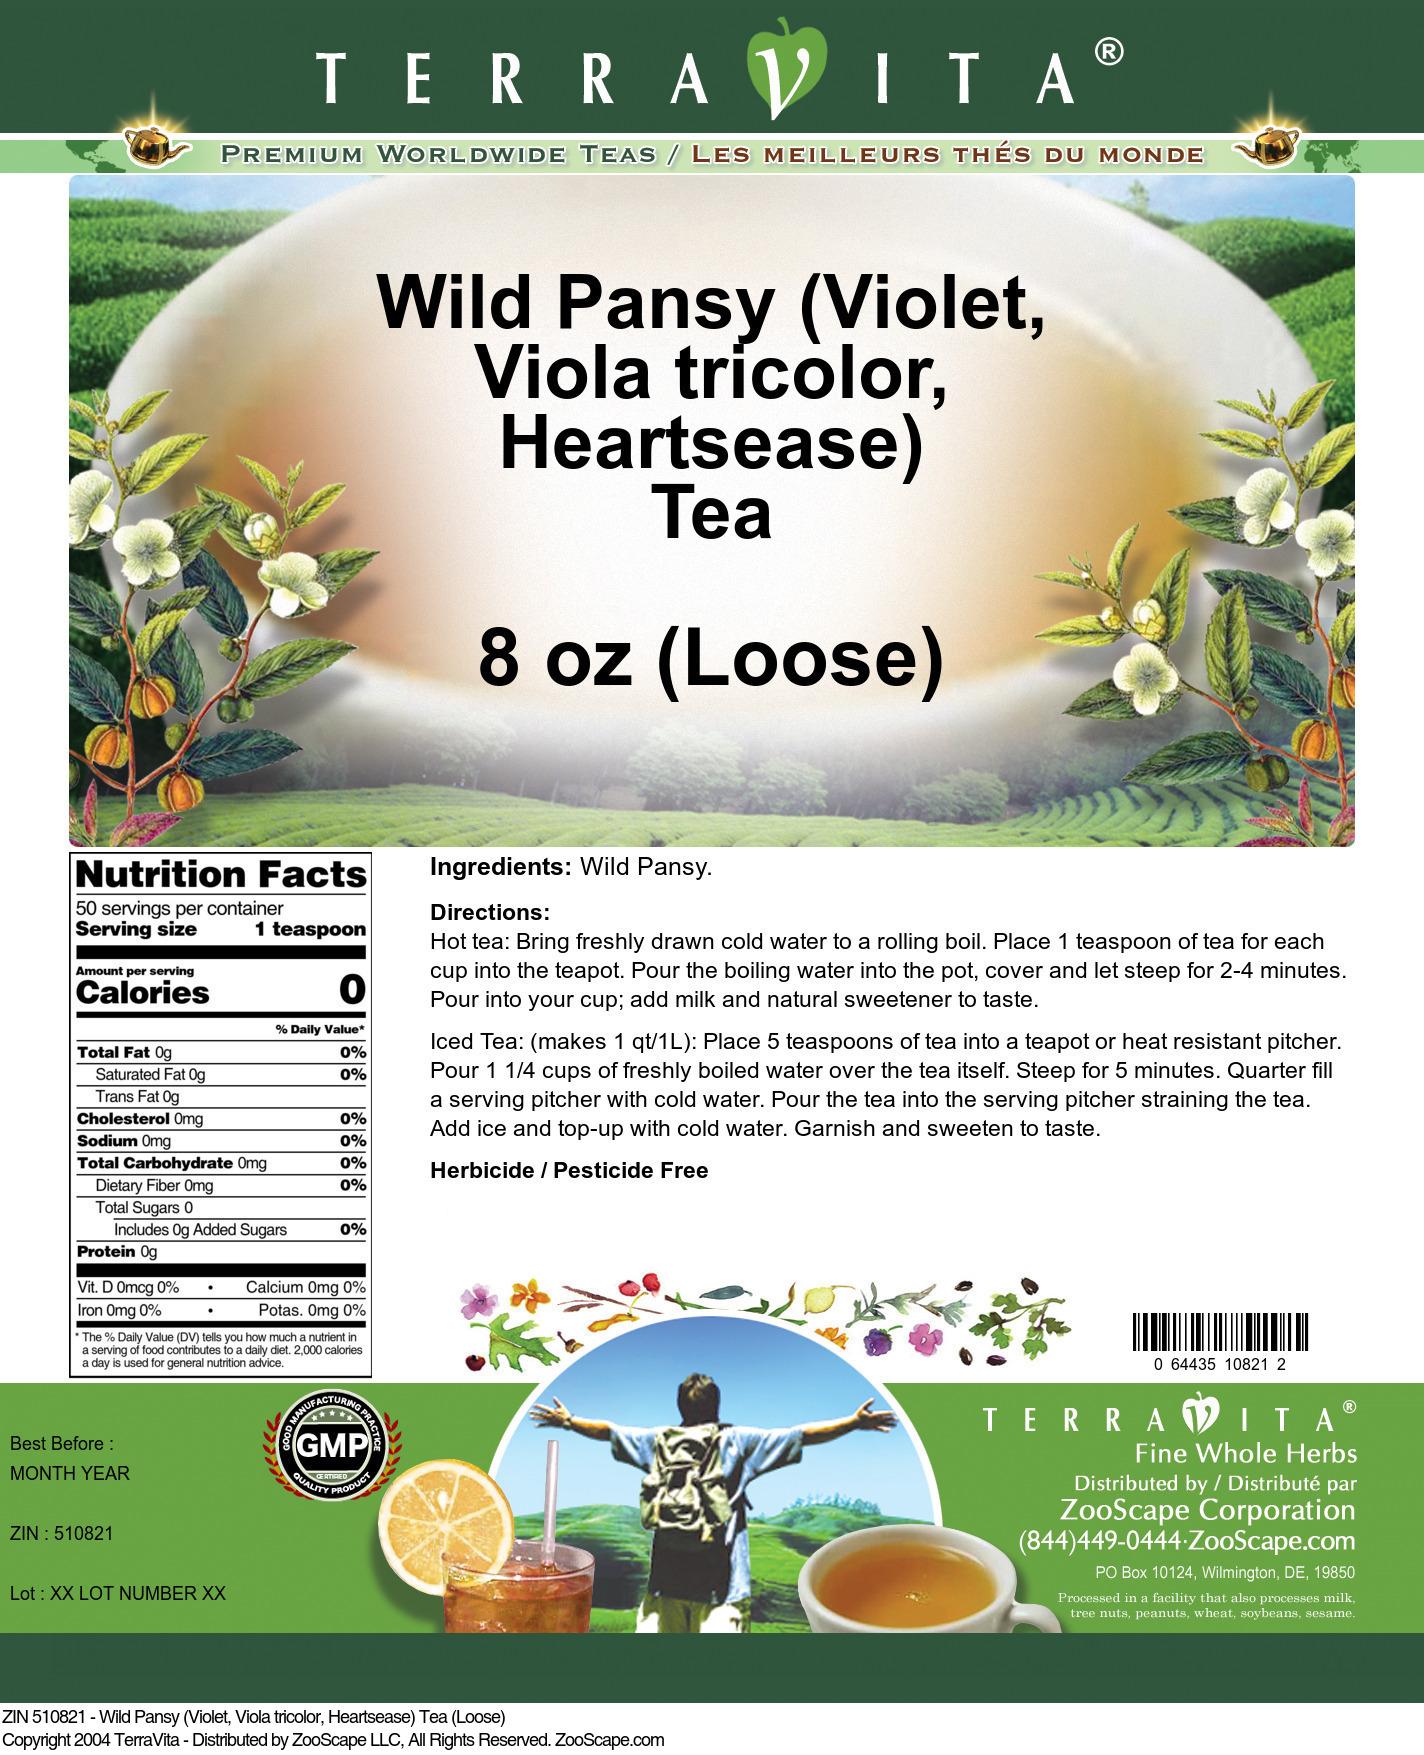 Wild Pansy (Violet, Viola tricolor, Heartsease) Tea (Loose)